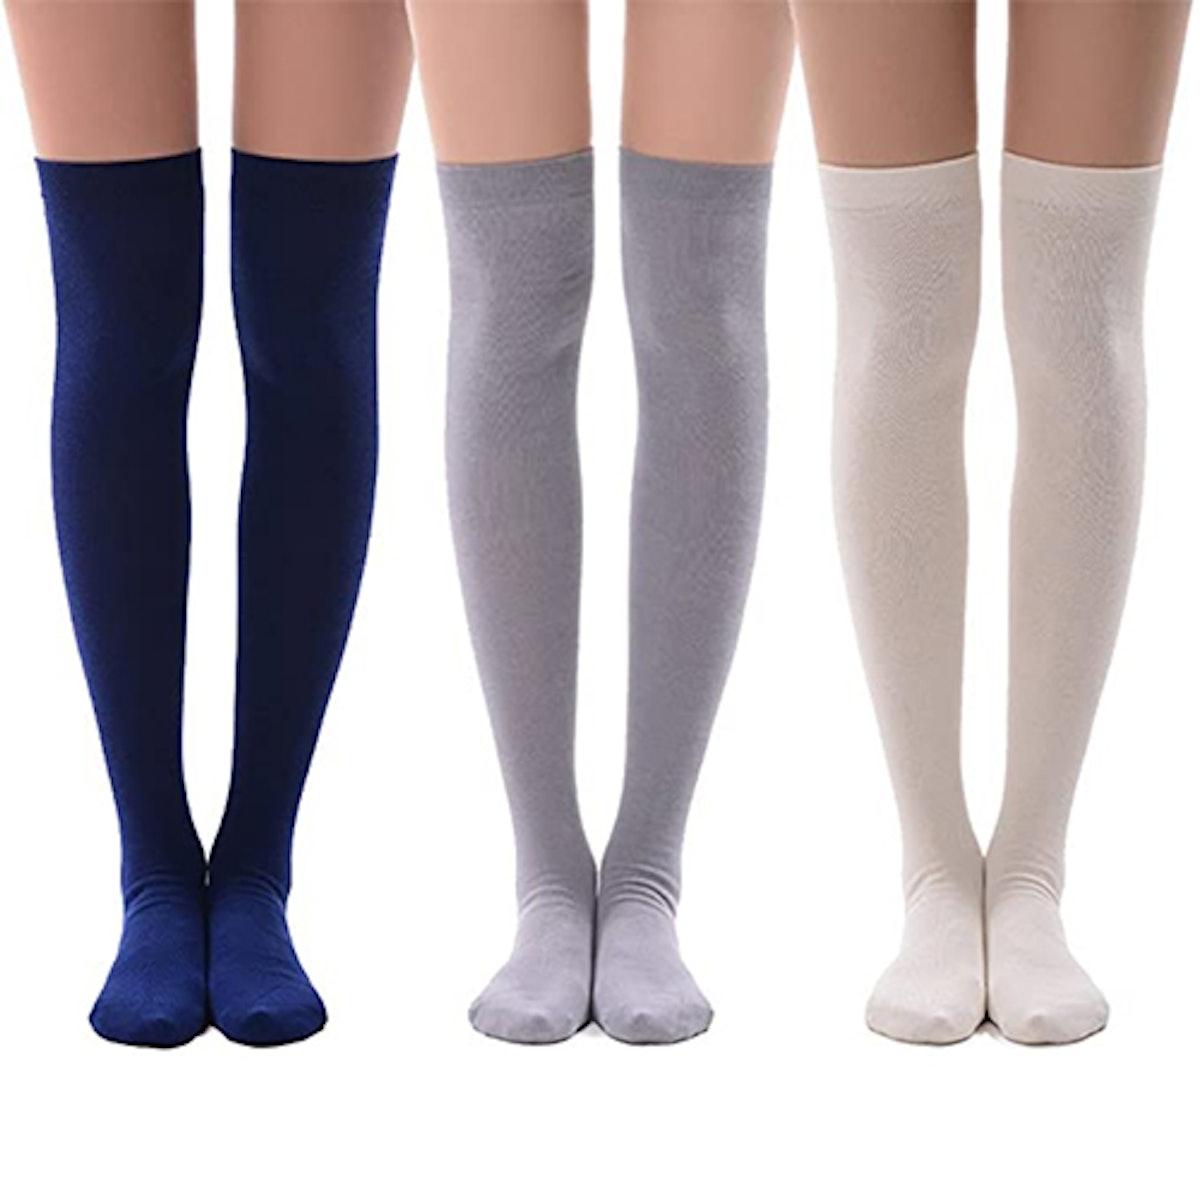 MEIKAN Cotton Thigh High Socks (3 Pack)